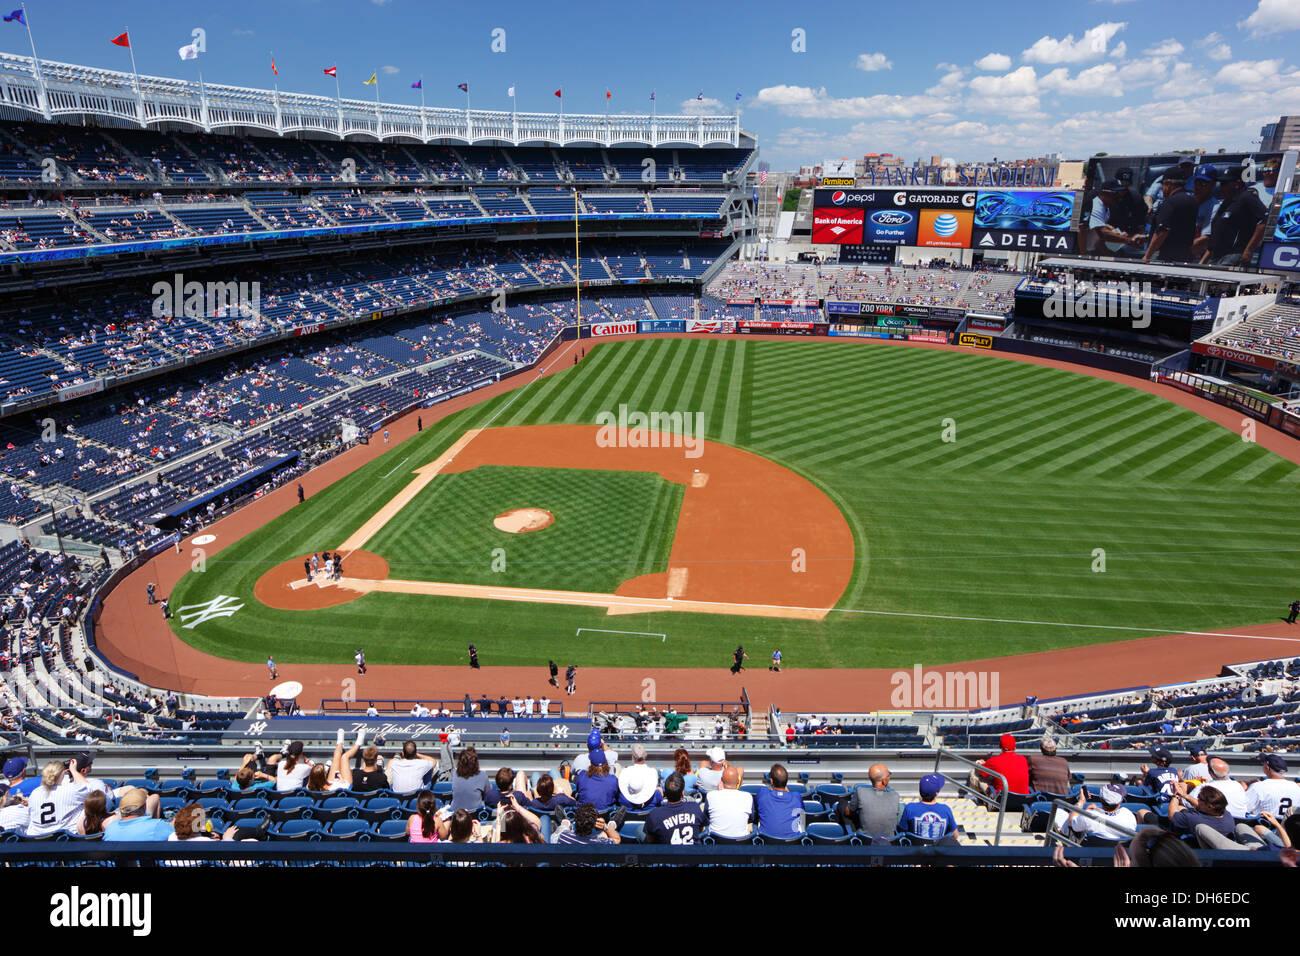 Yankee Stadium, The Bronx, New York, USA. - Stock Image